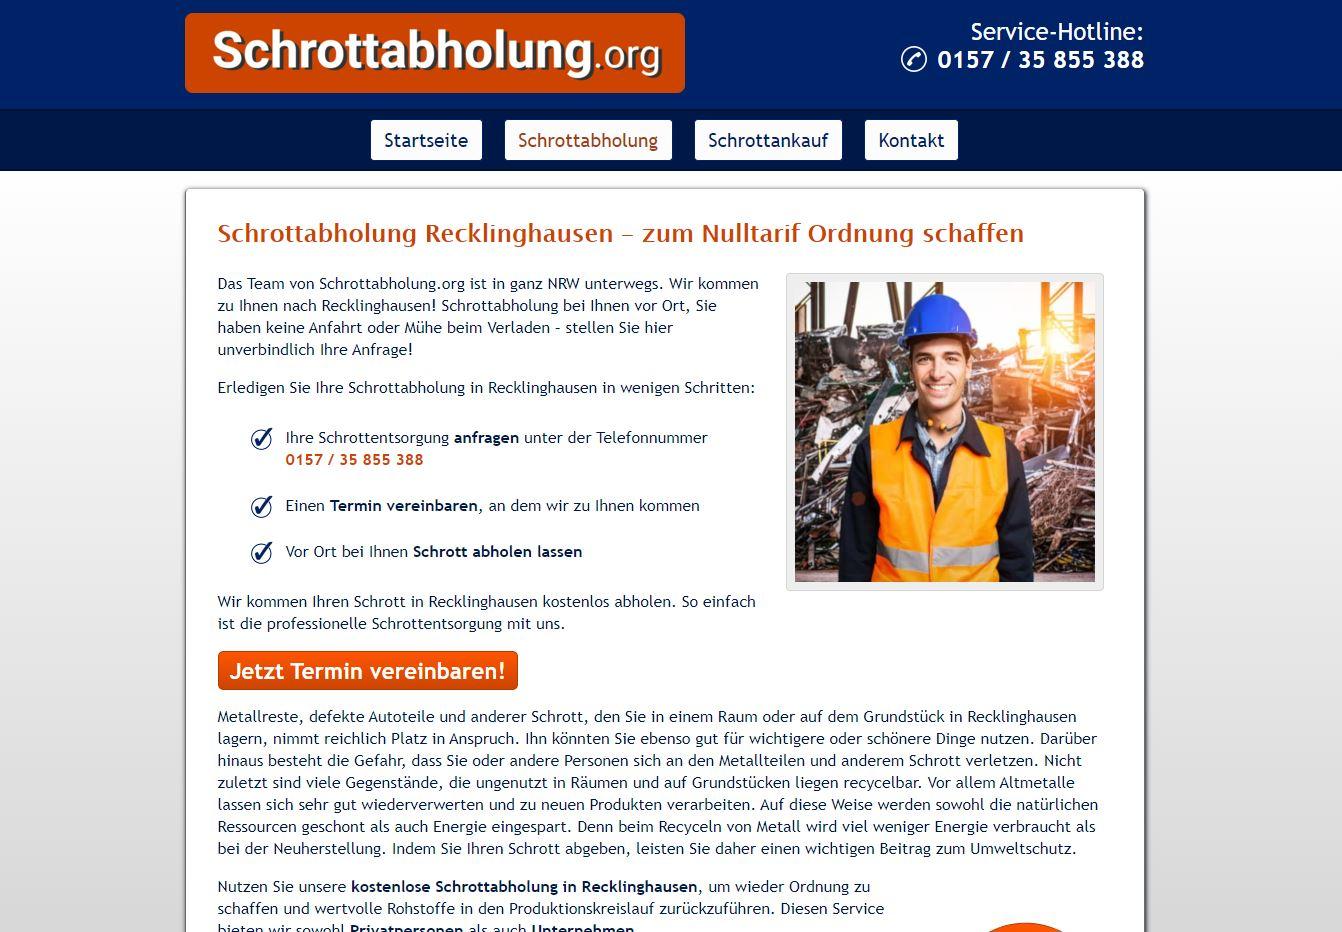 Schrottabholung in Recklinghausen: Schrott aller Art entsorgen